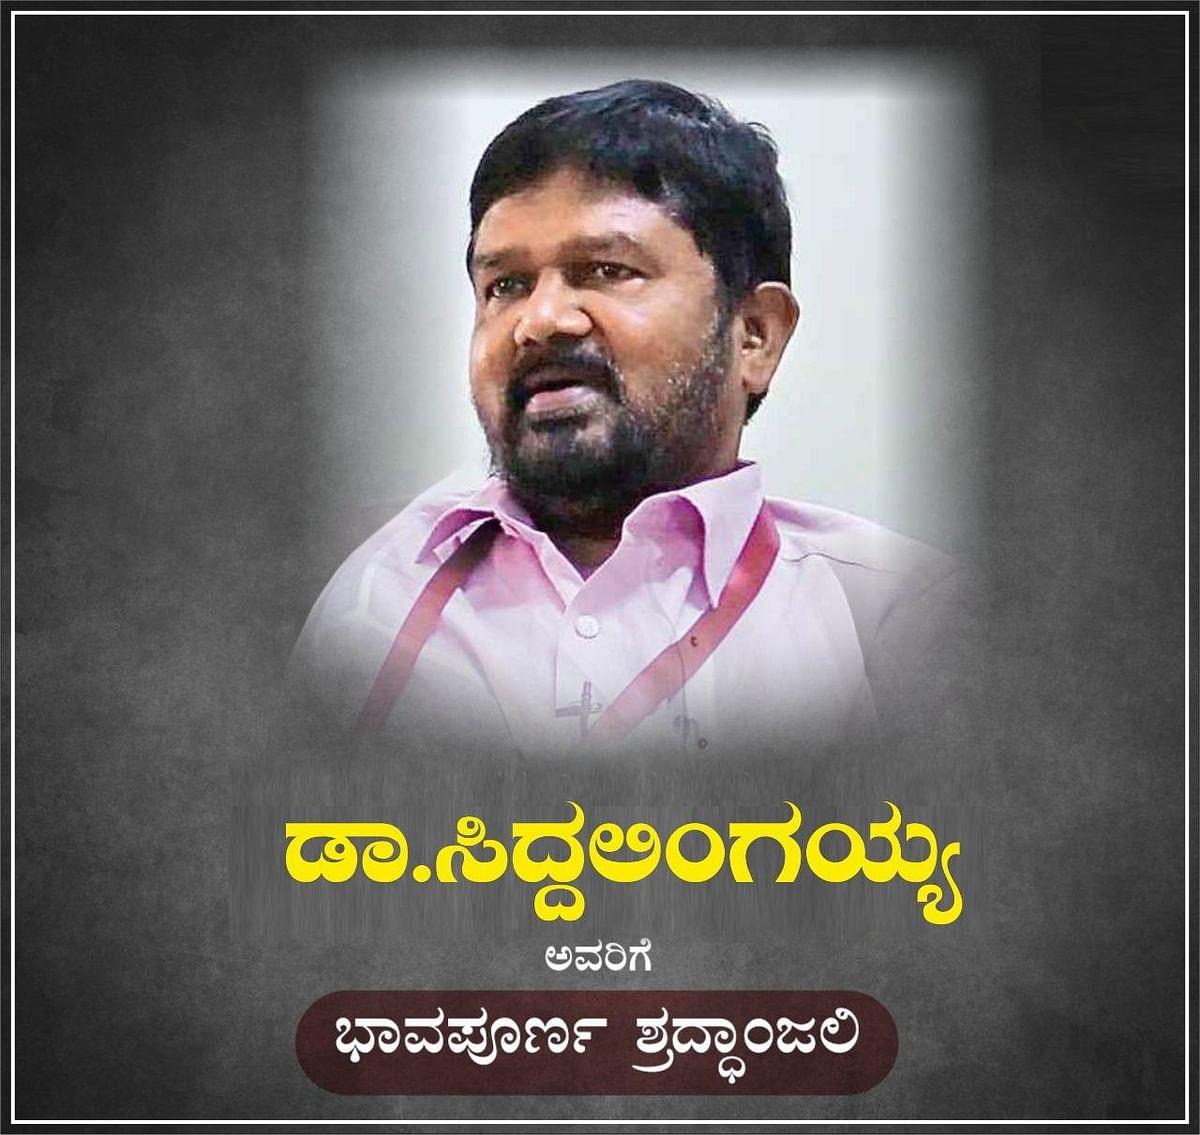 Bengaluru: Noted Dalit poet-activist Dr Siddalingaiah passes away